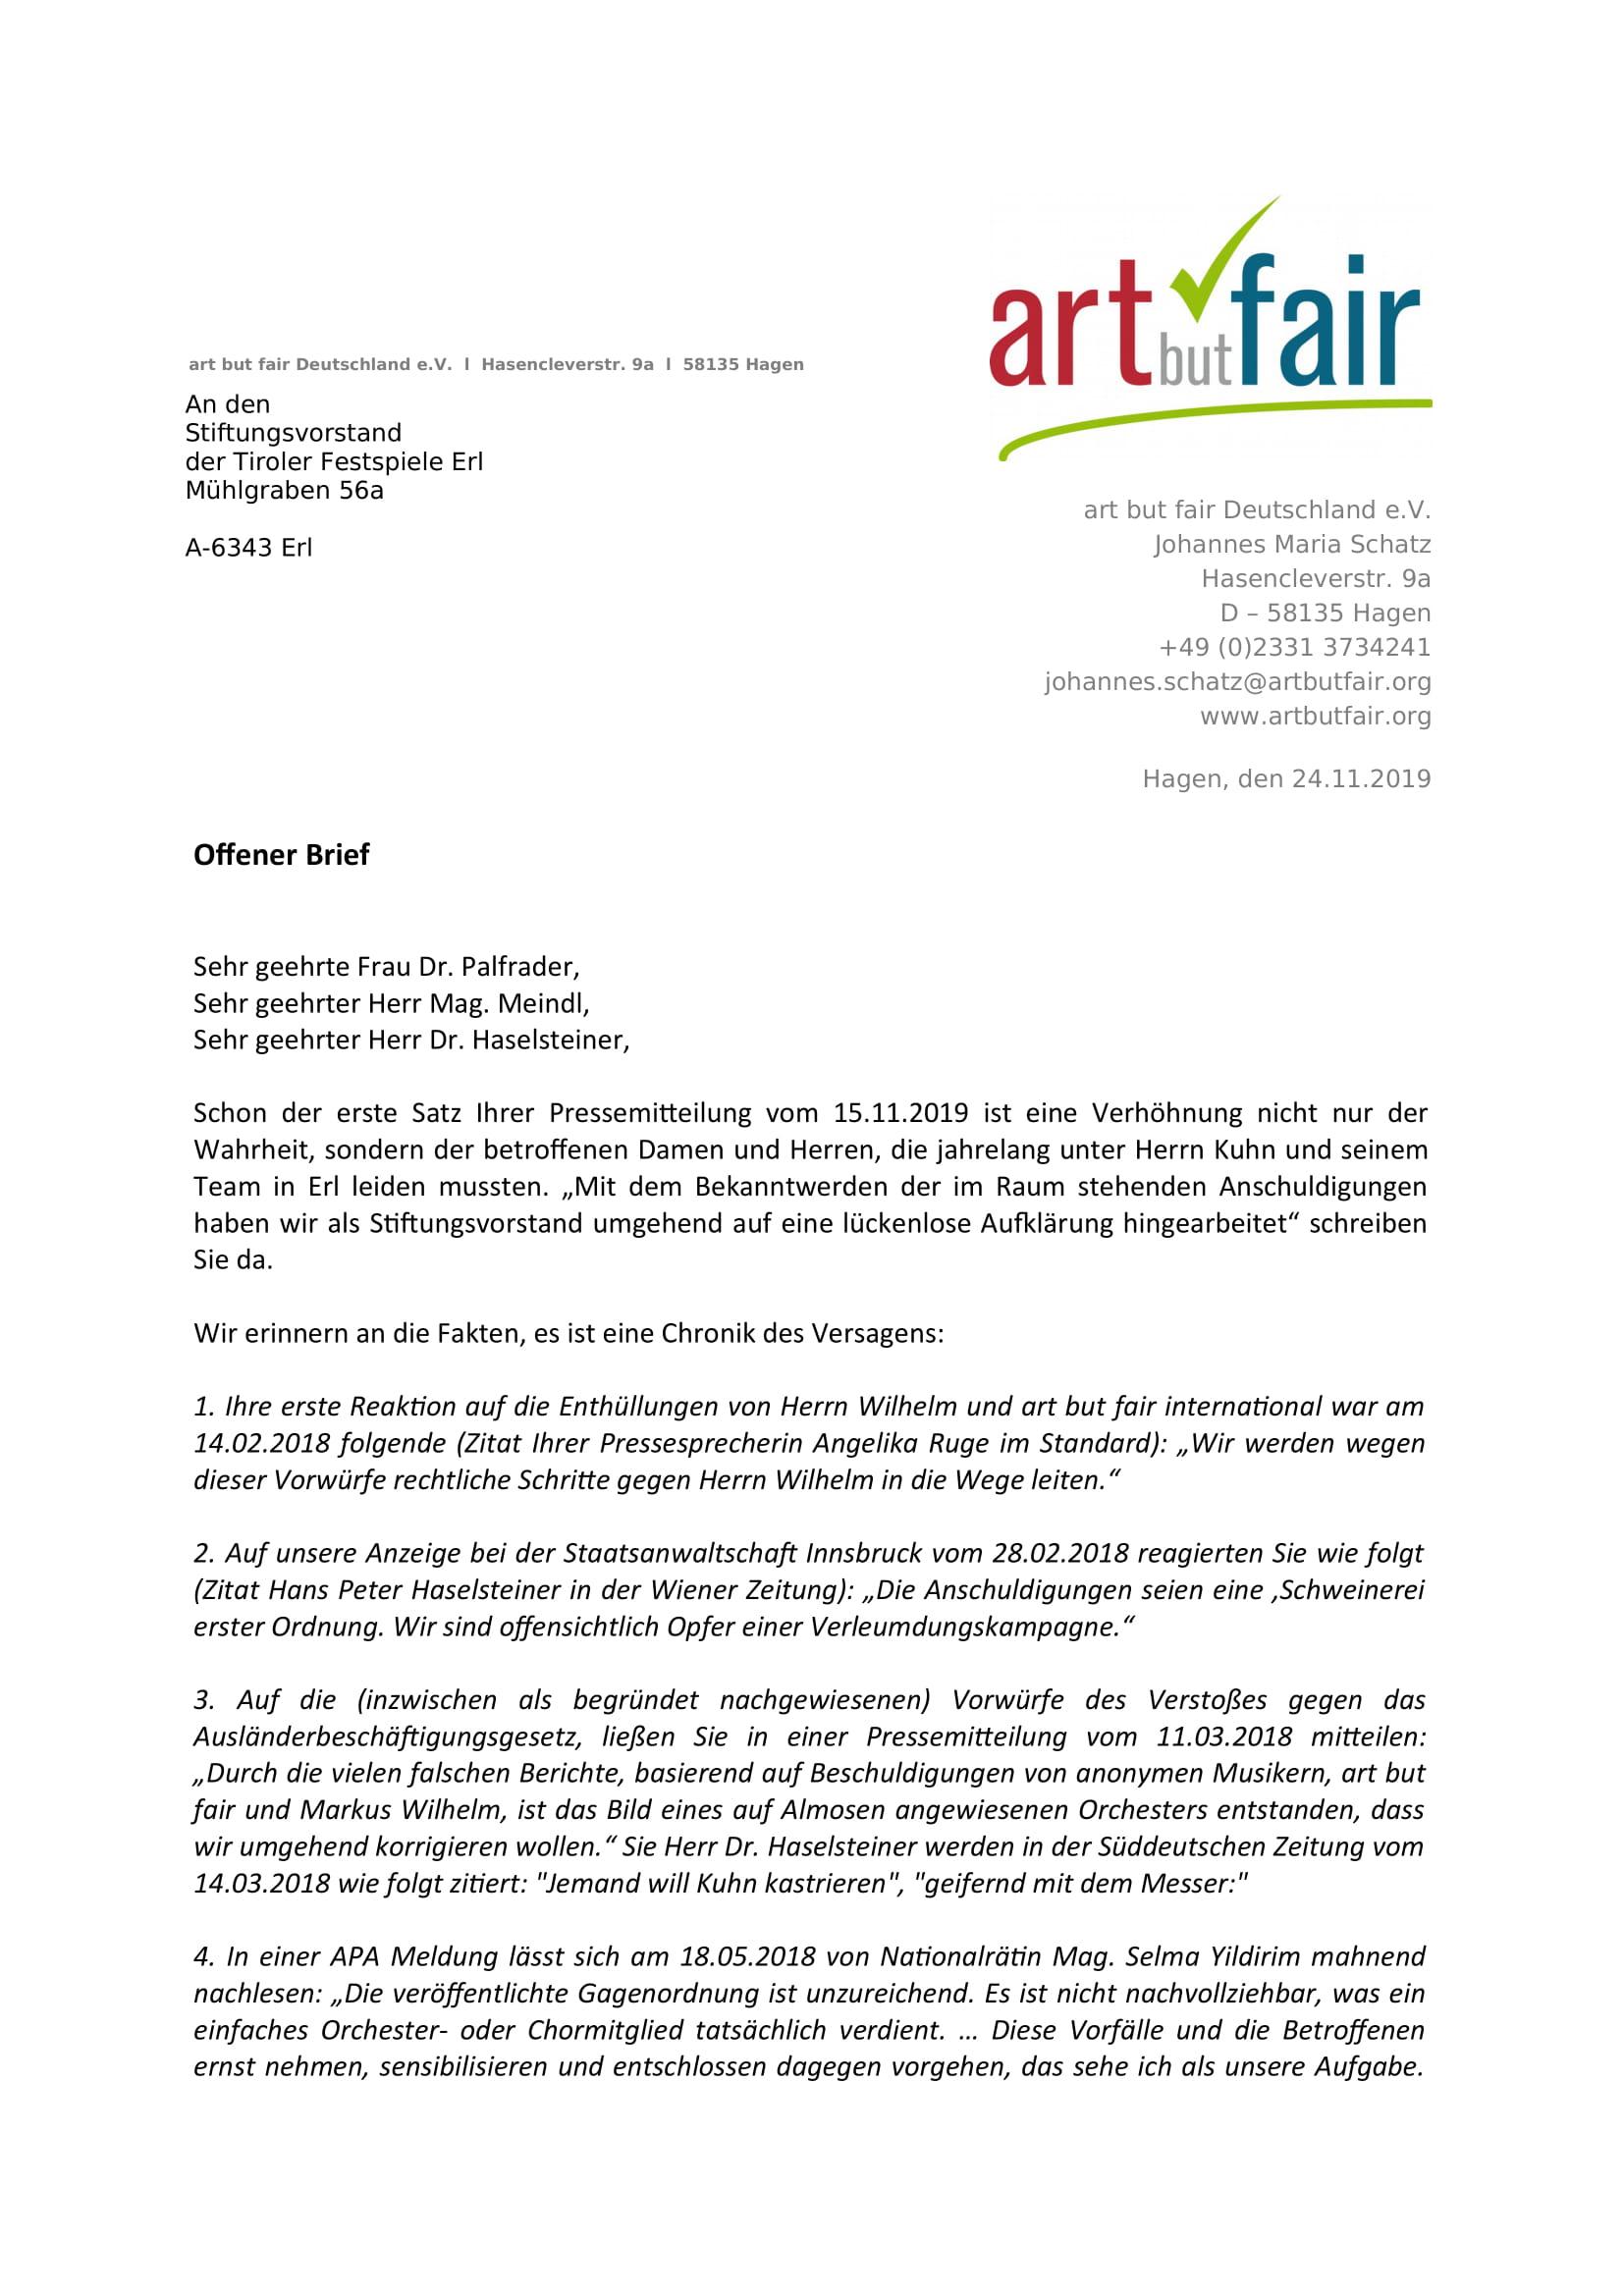 Offener-Brief-Stiftungsvorstand-Erl-2019-11-24-1